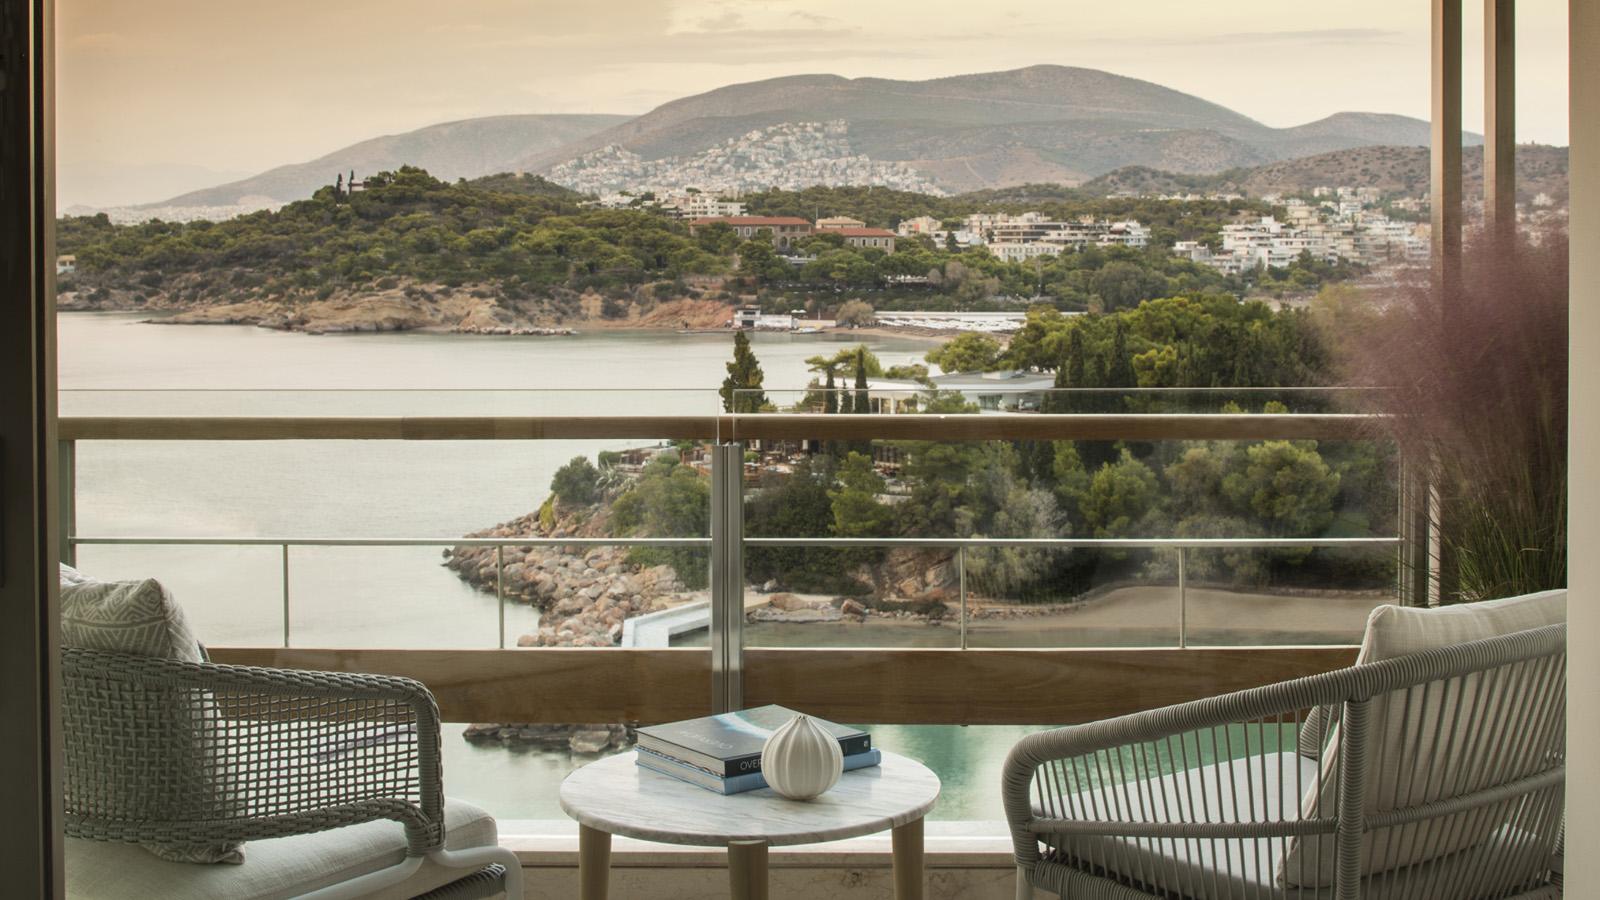 Four Seasons Astir Palace Hotel Athens - atenas - grécia